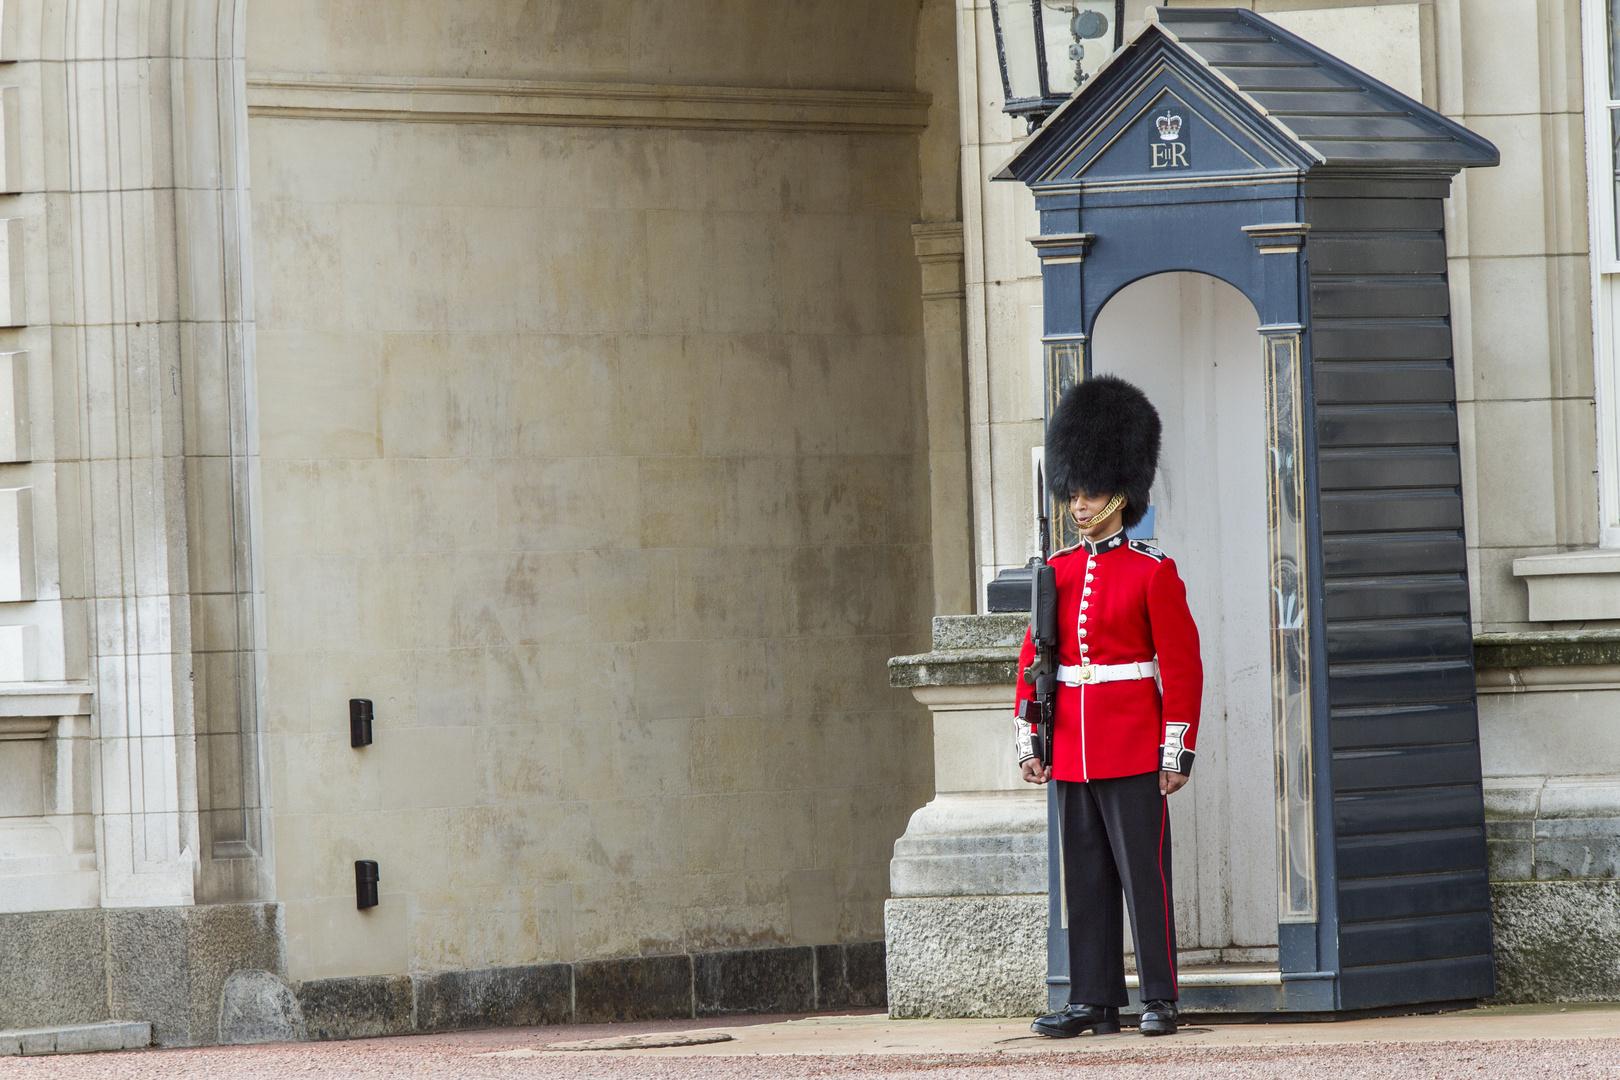 Wachposten am Buckingham Palace in London